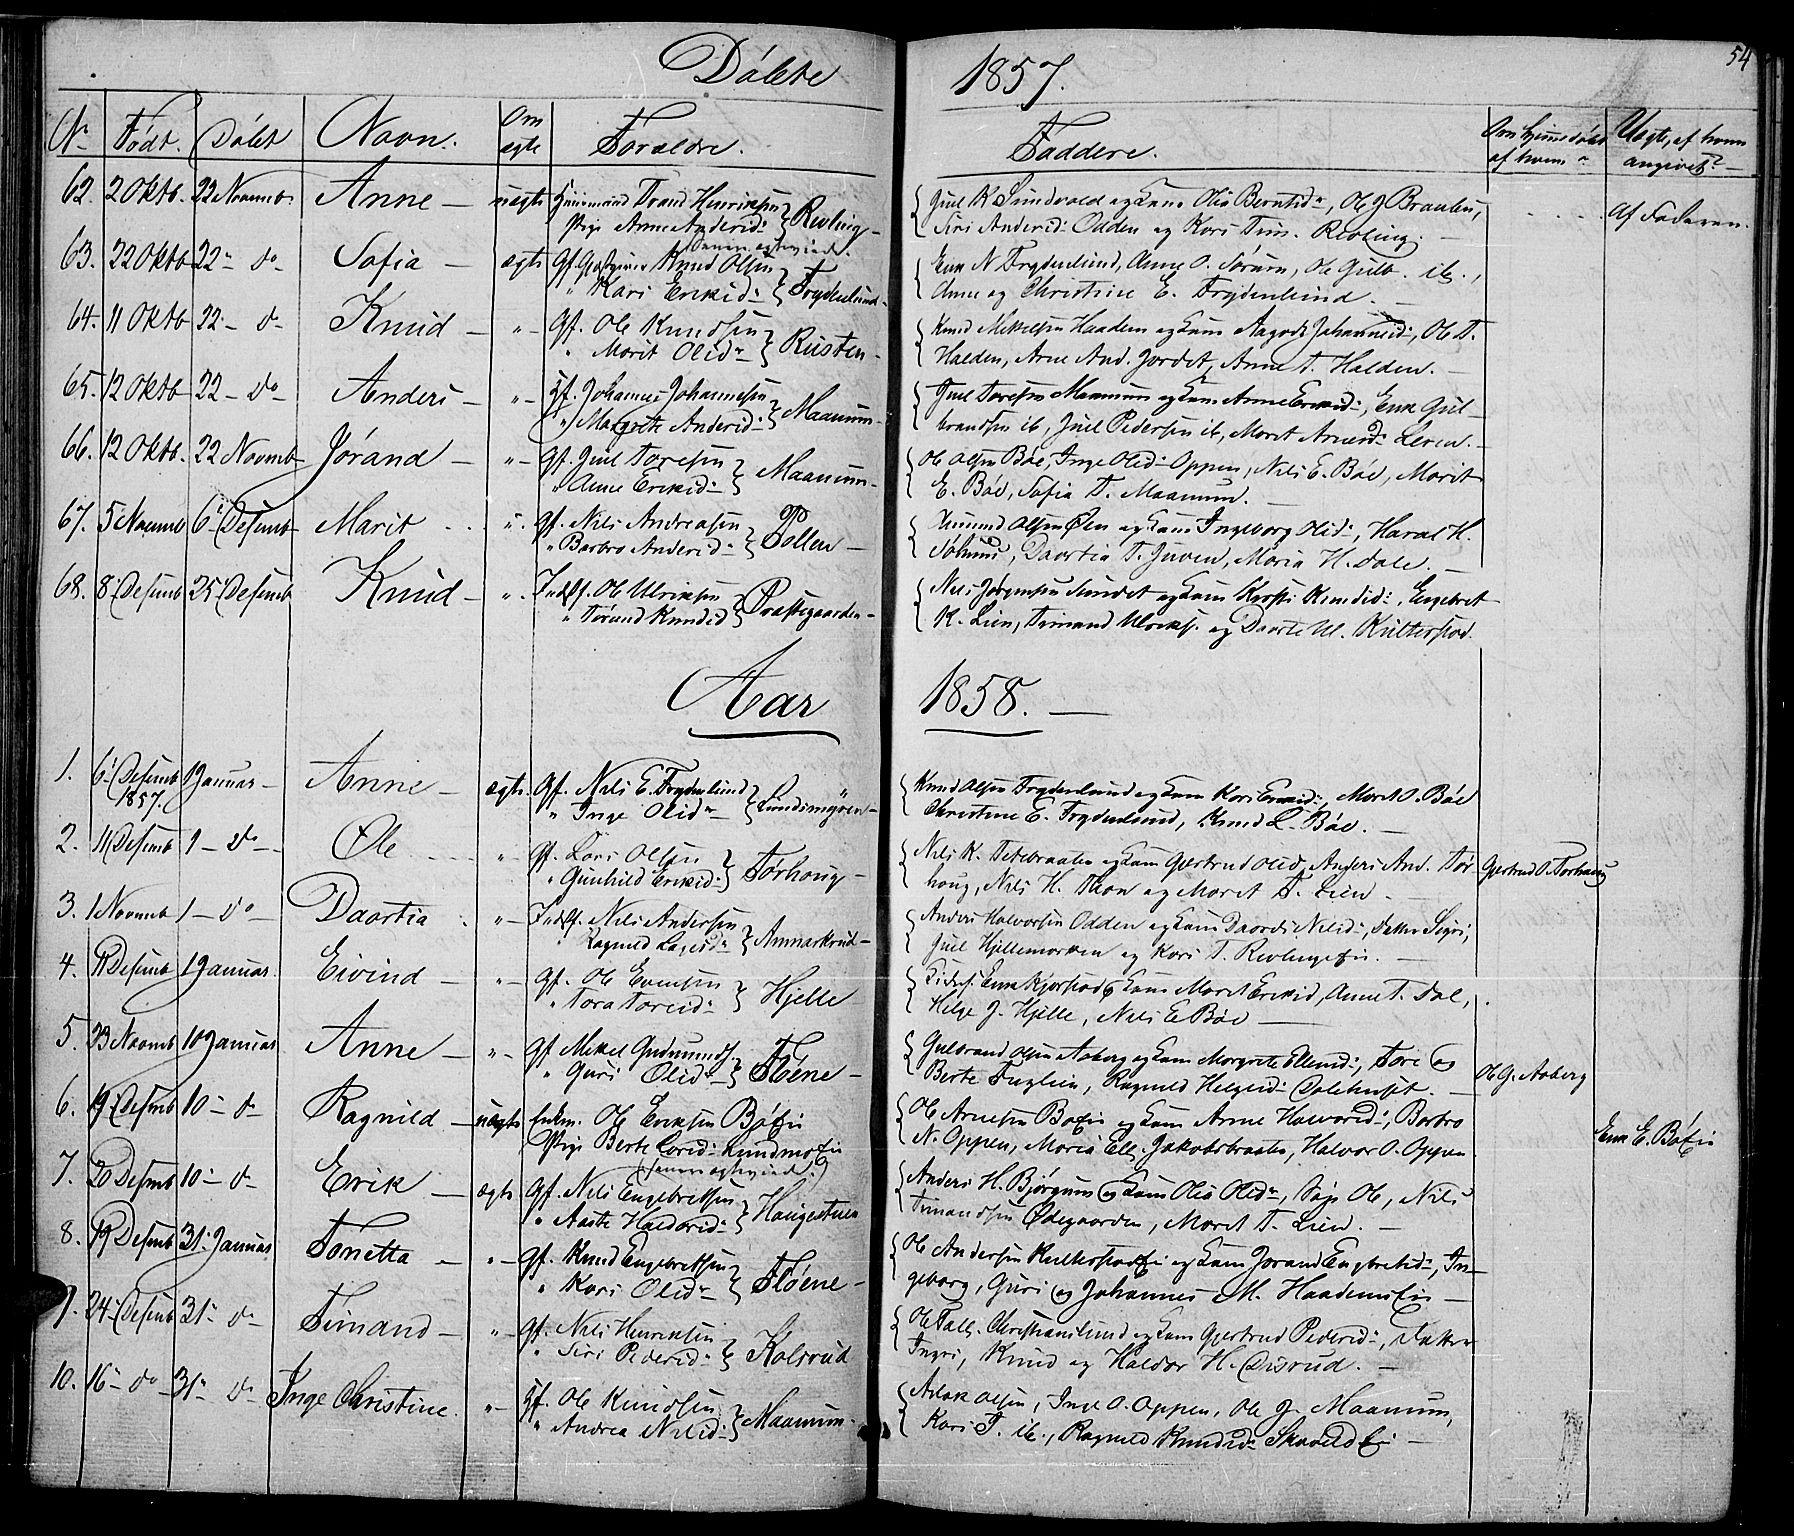 SAH, Nord-Aurdal prestekontor, Klokkerbok nr. 2, 1842-1877, s. 54